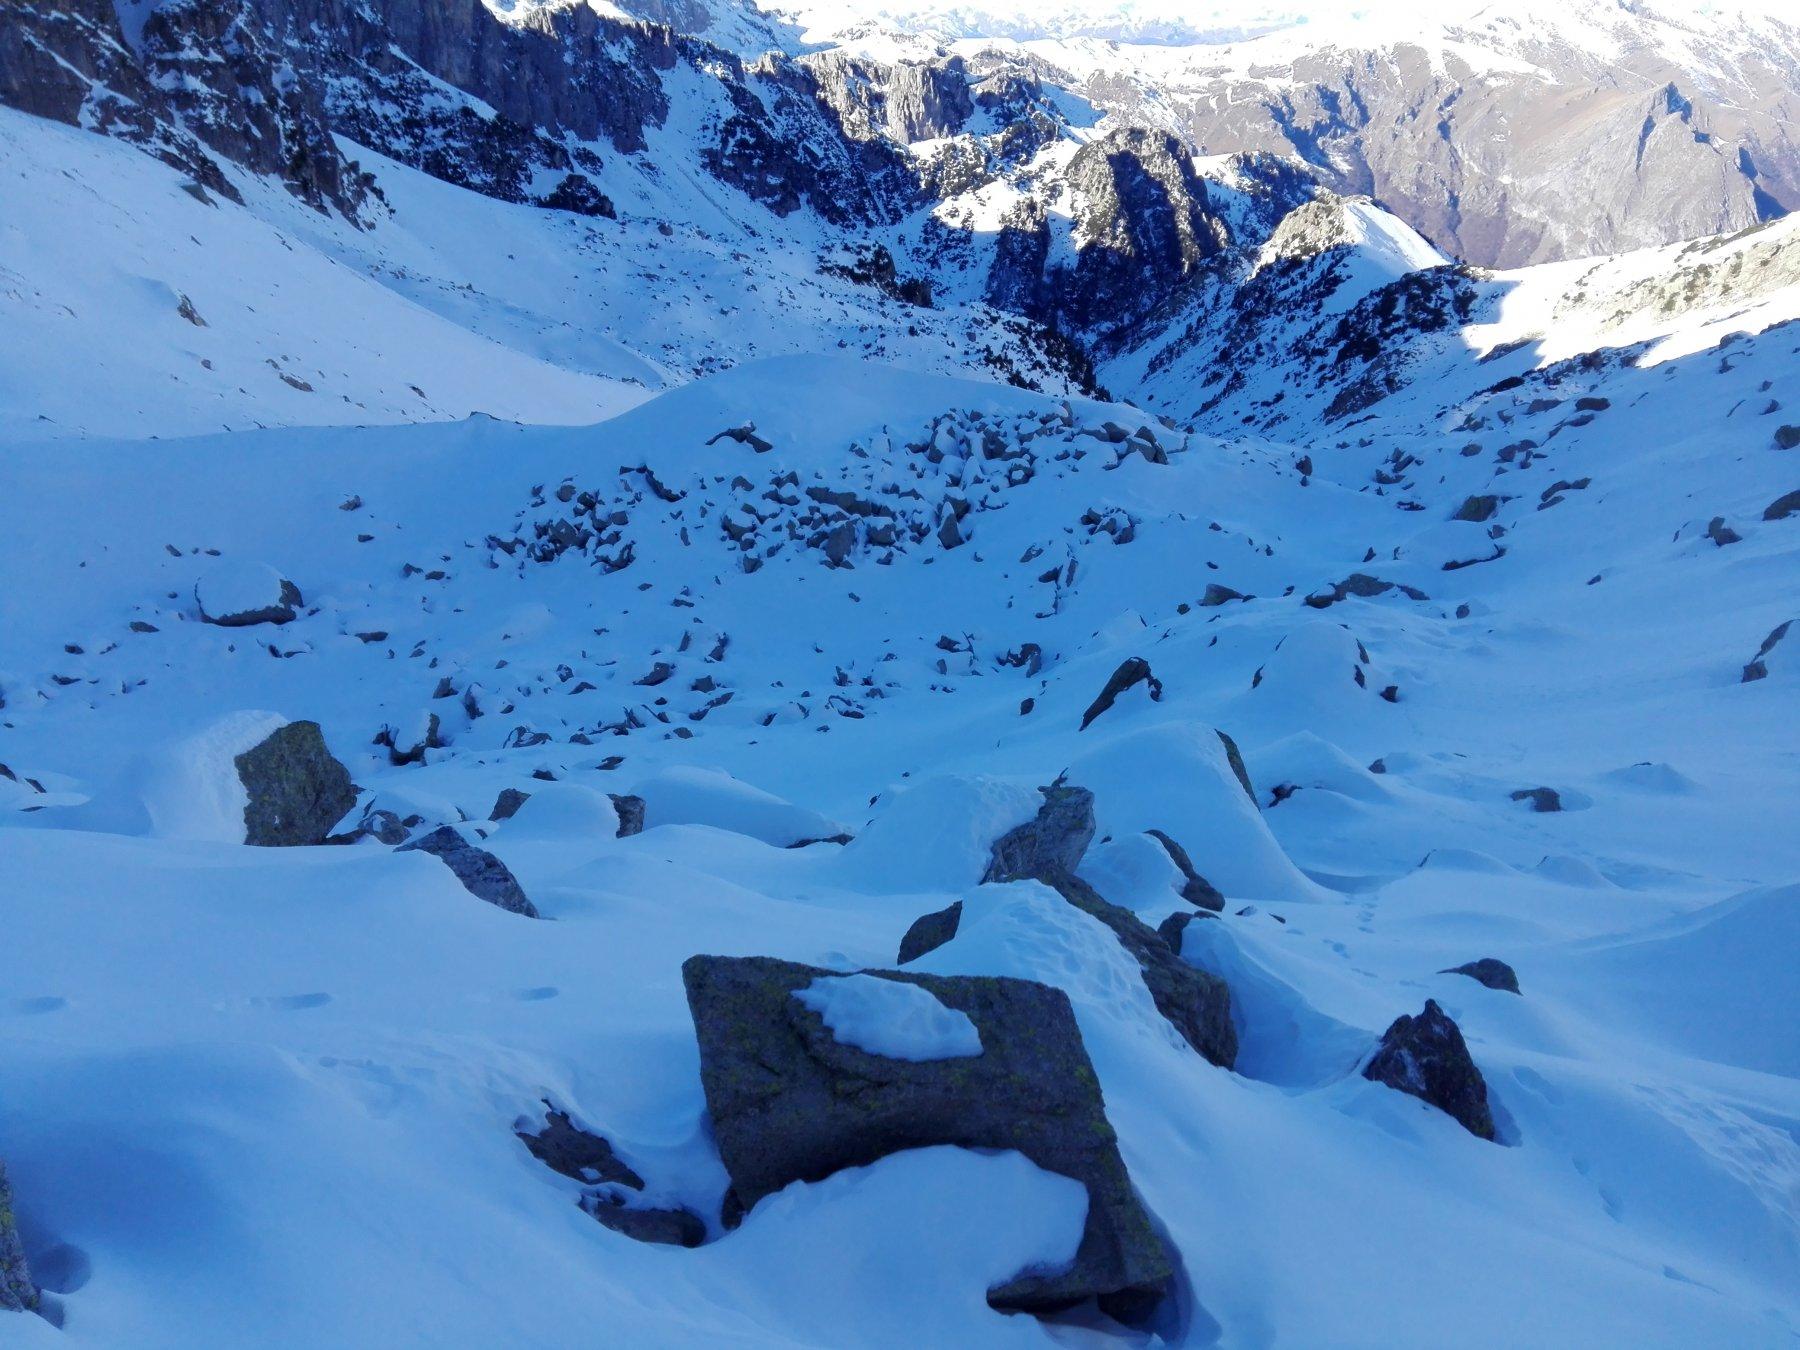 Gli spazi tra le rocce non sono interamente riempiti dalla neve la quale sfonda